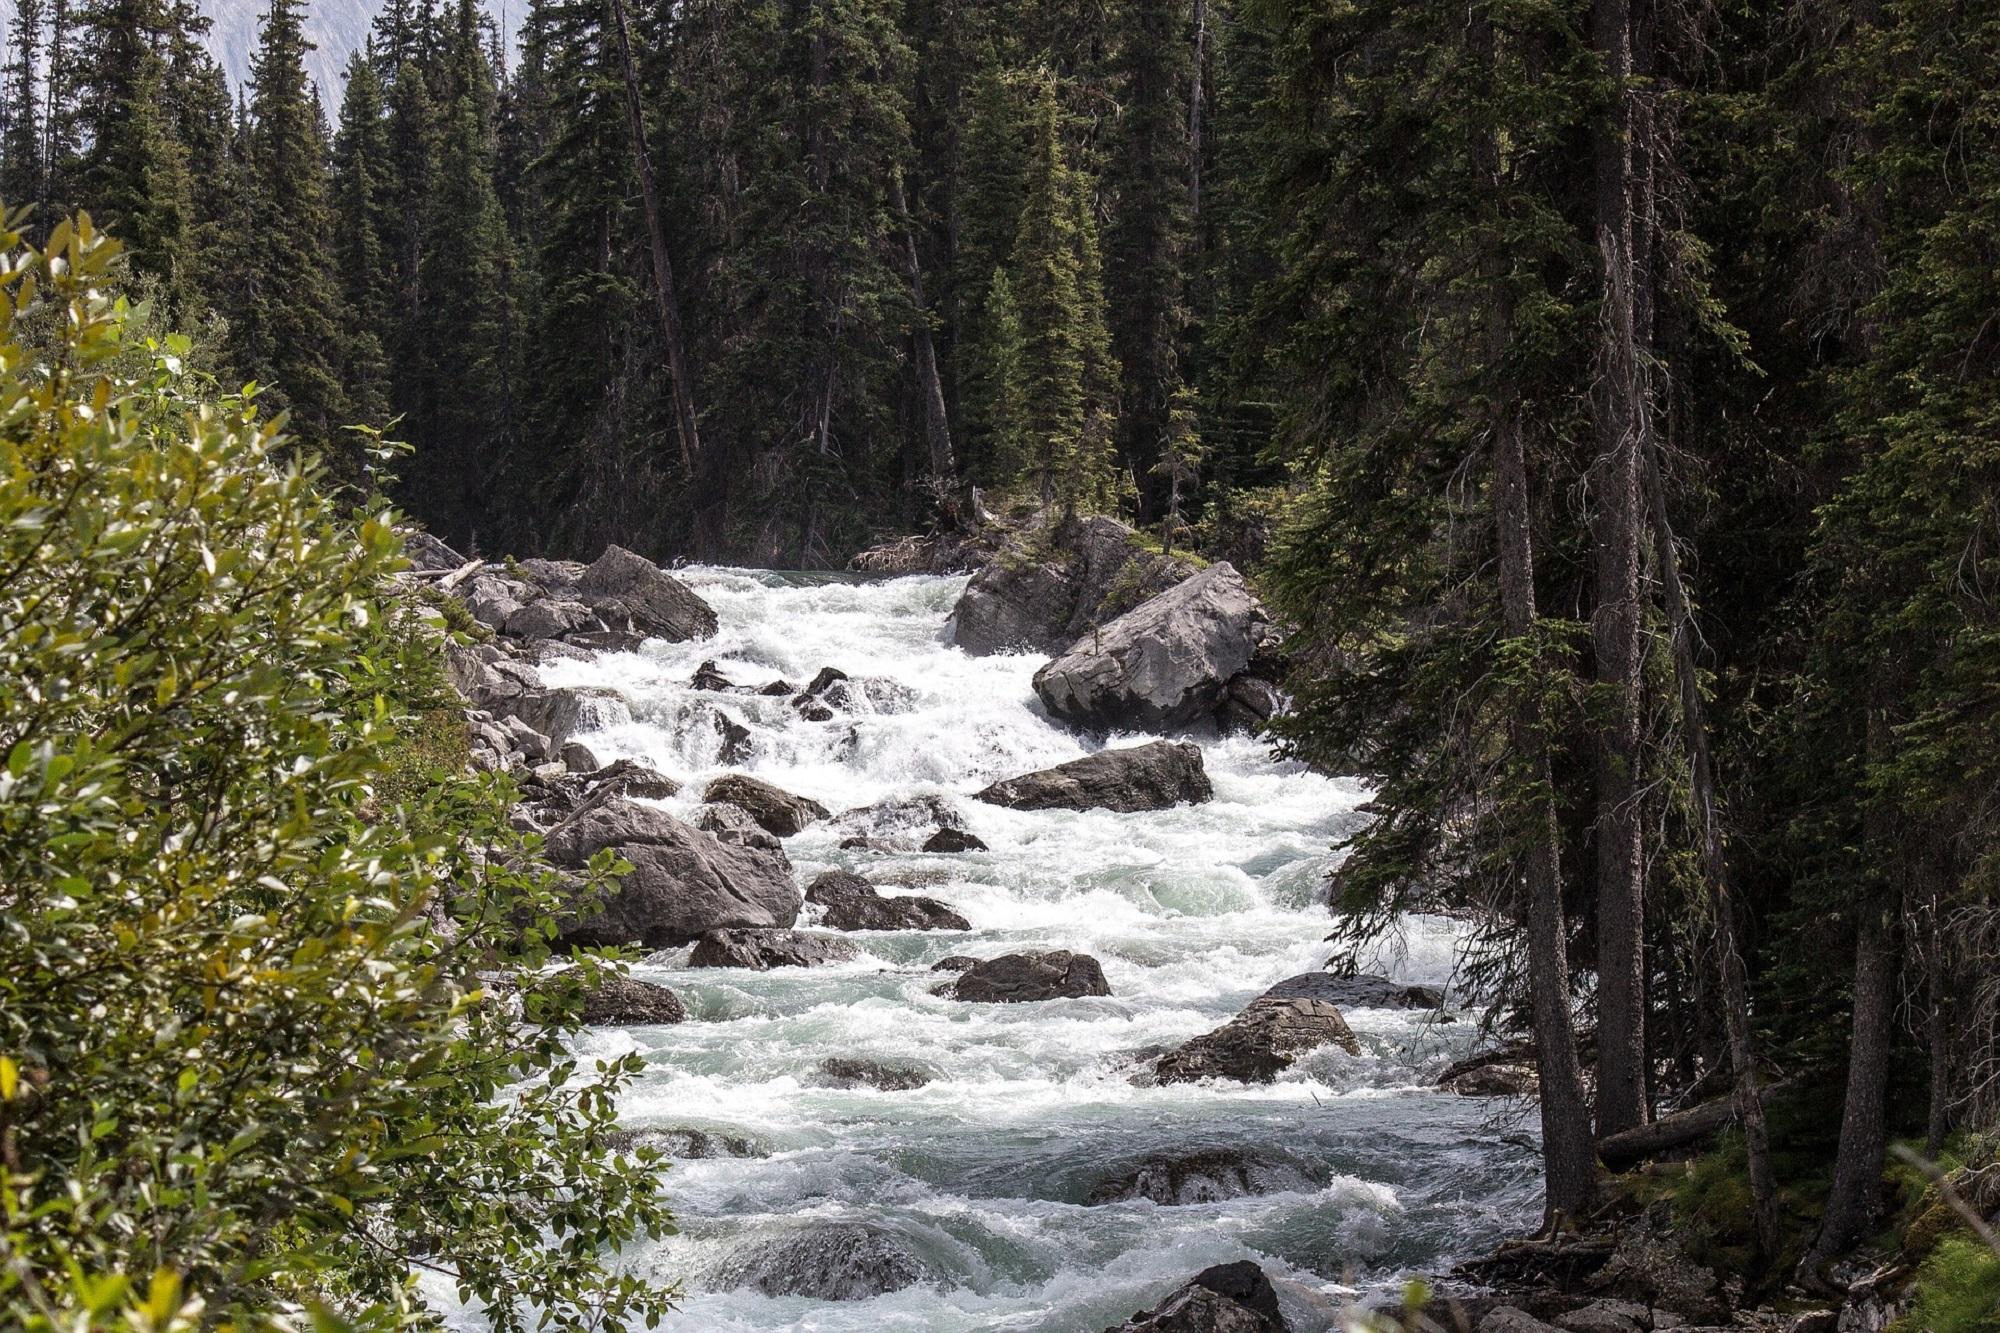 maligne-river-1485060_1920